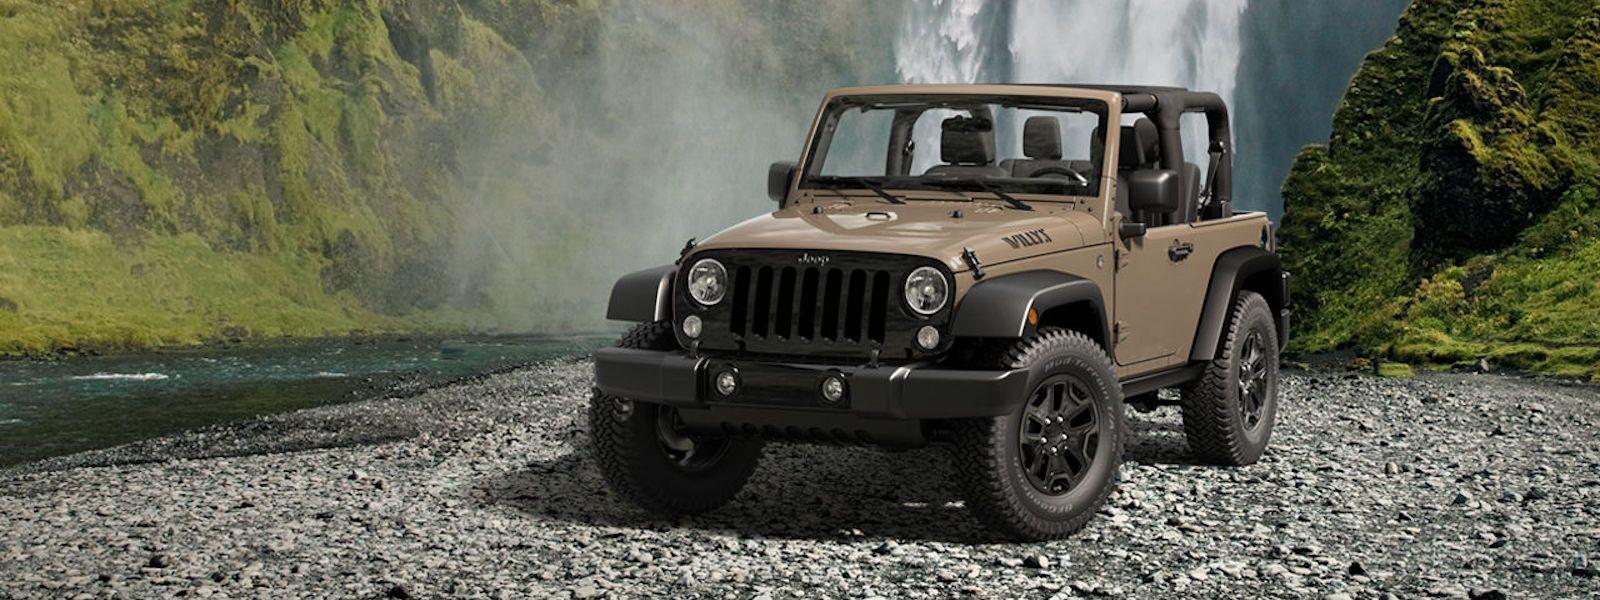 2016 Jeep Wrangler Style